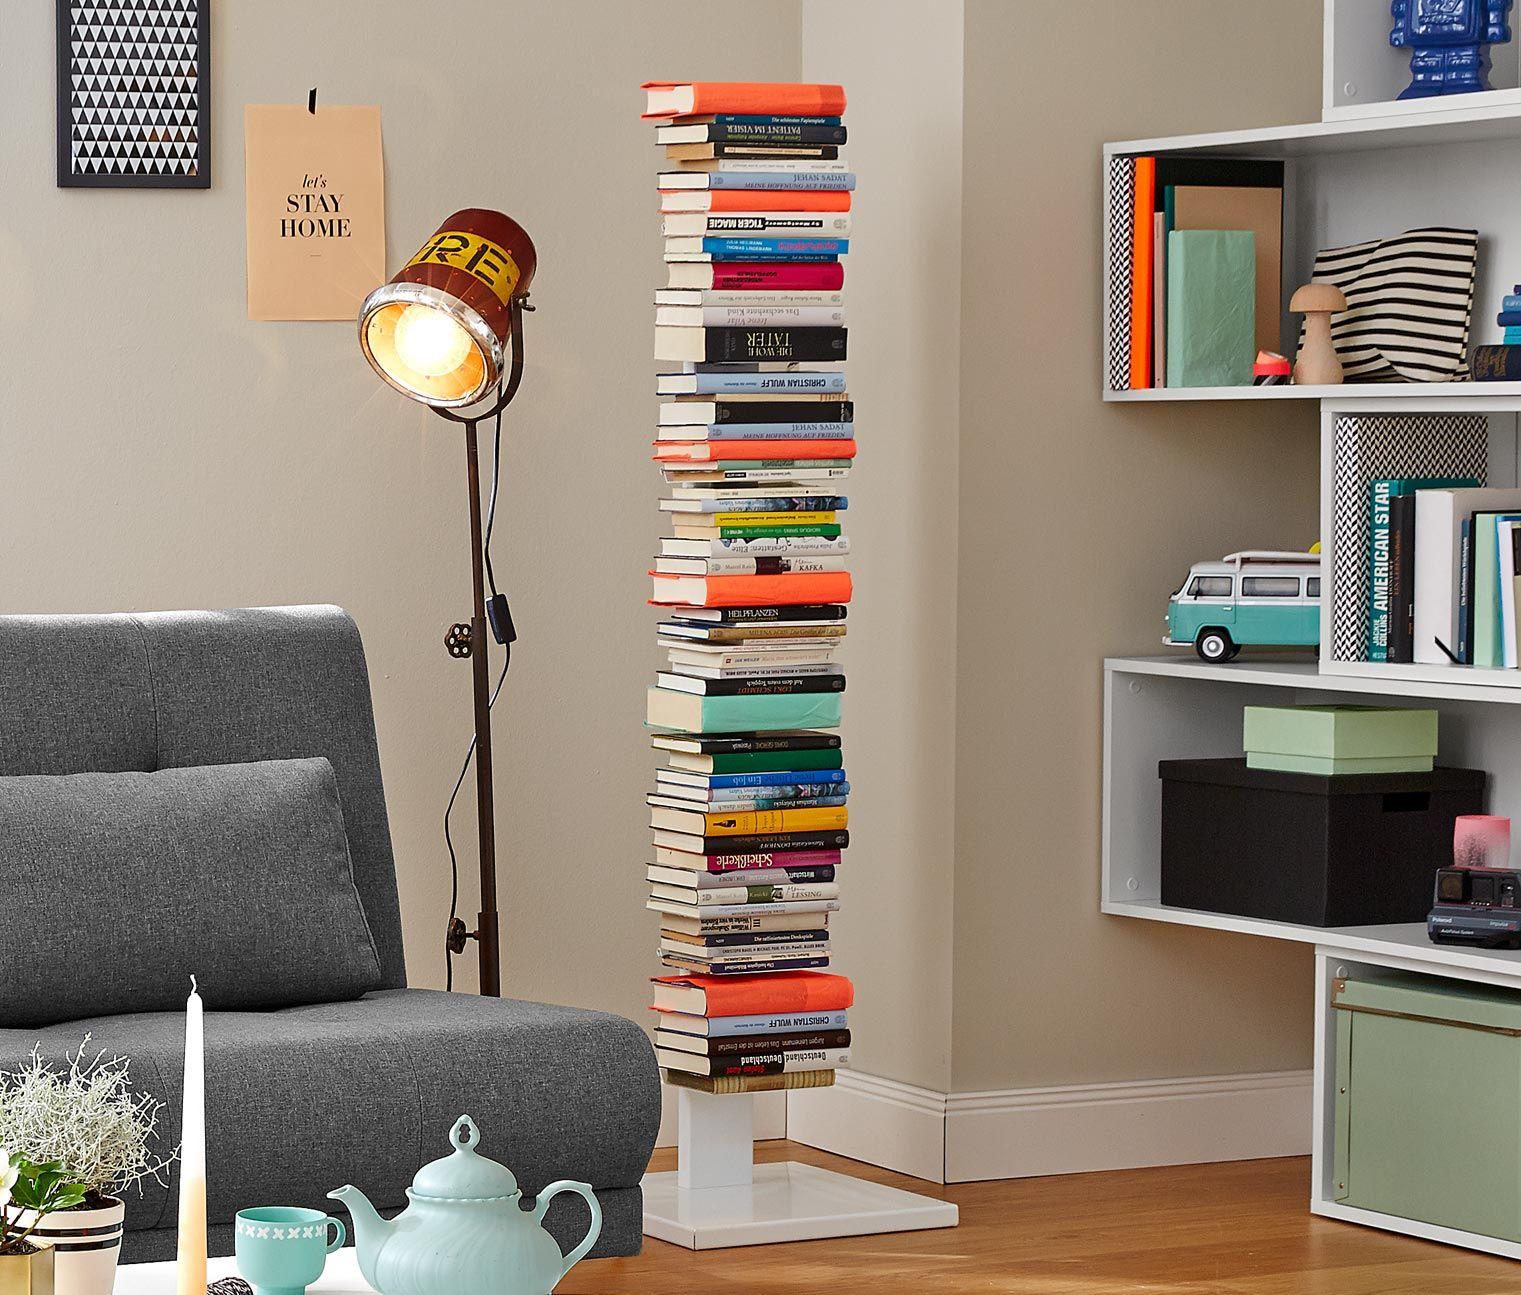 tchibo wohnzimmer mobel : B Chers Ule Online Bestellen Bei Tchibo 314942 99 95 Http